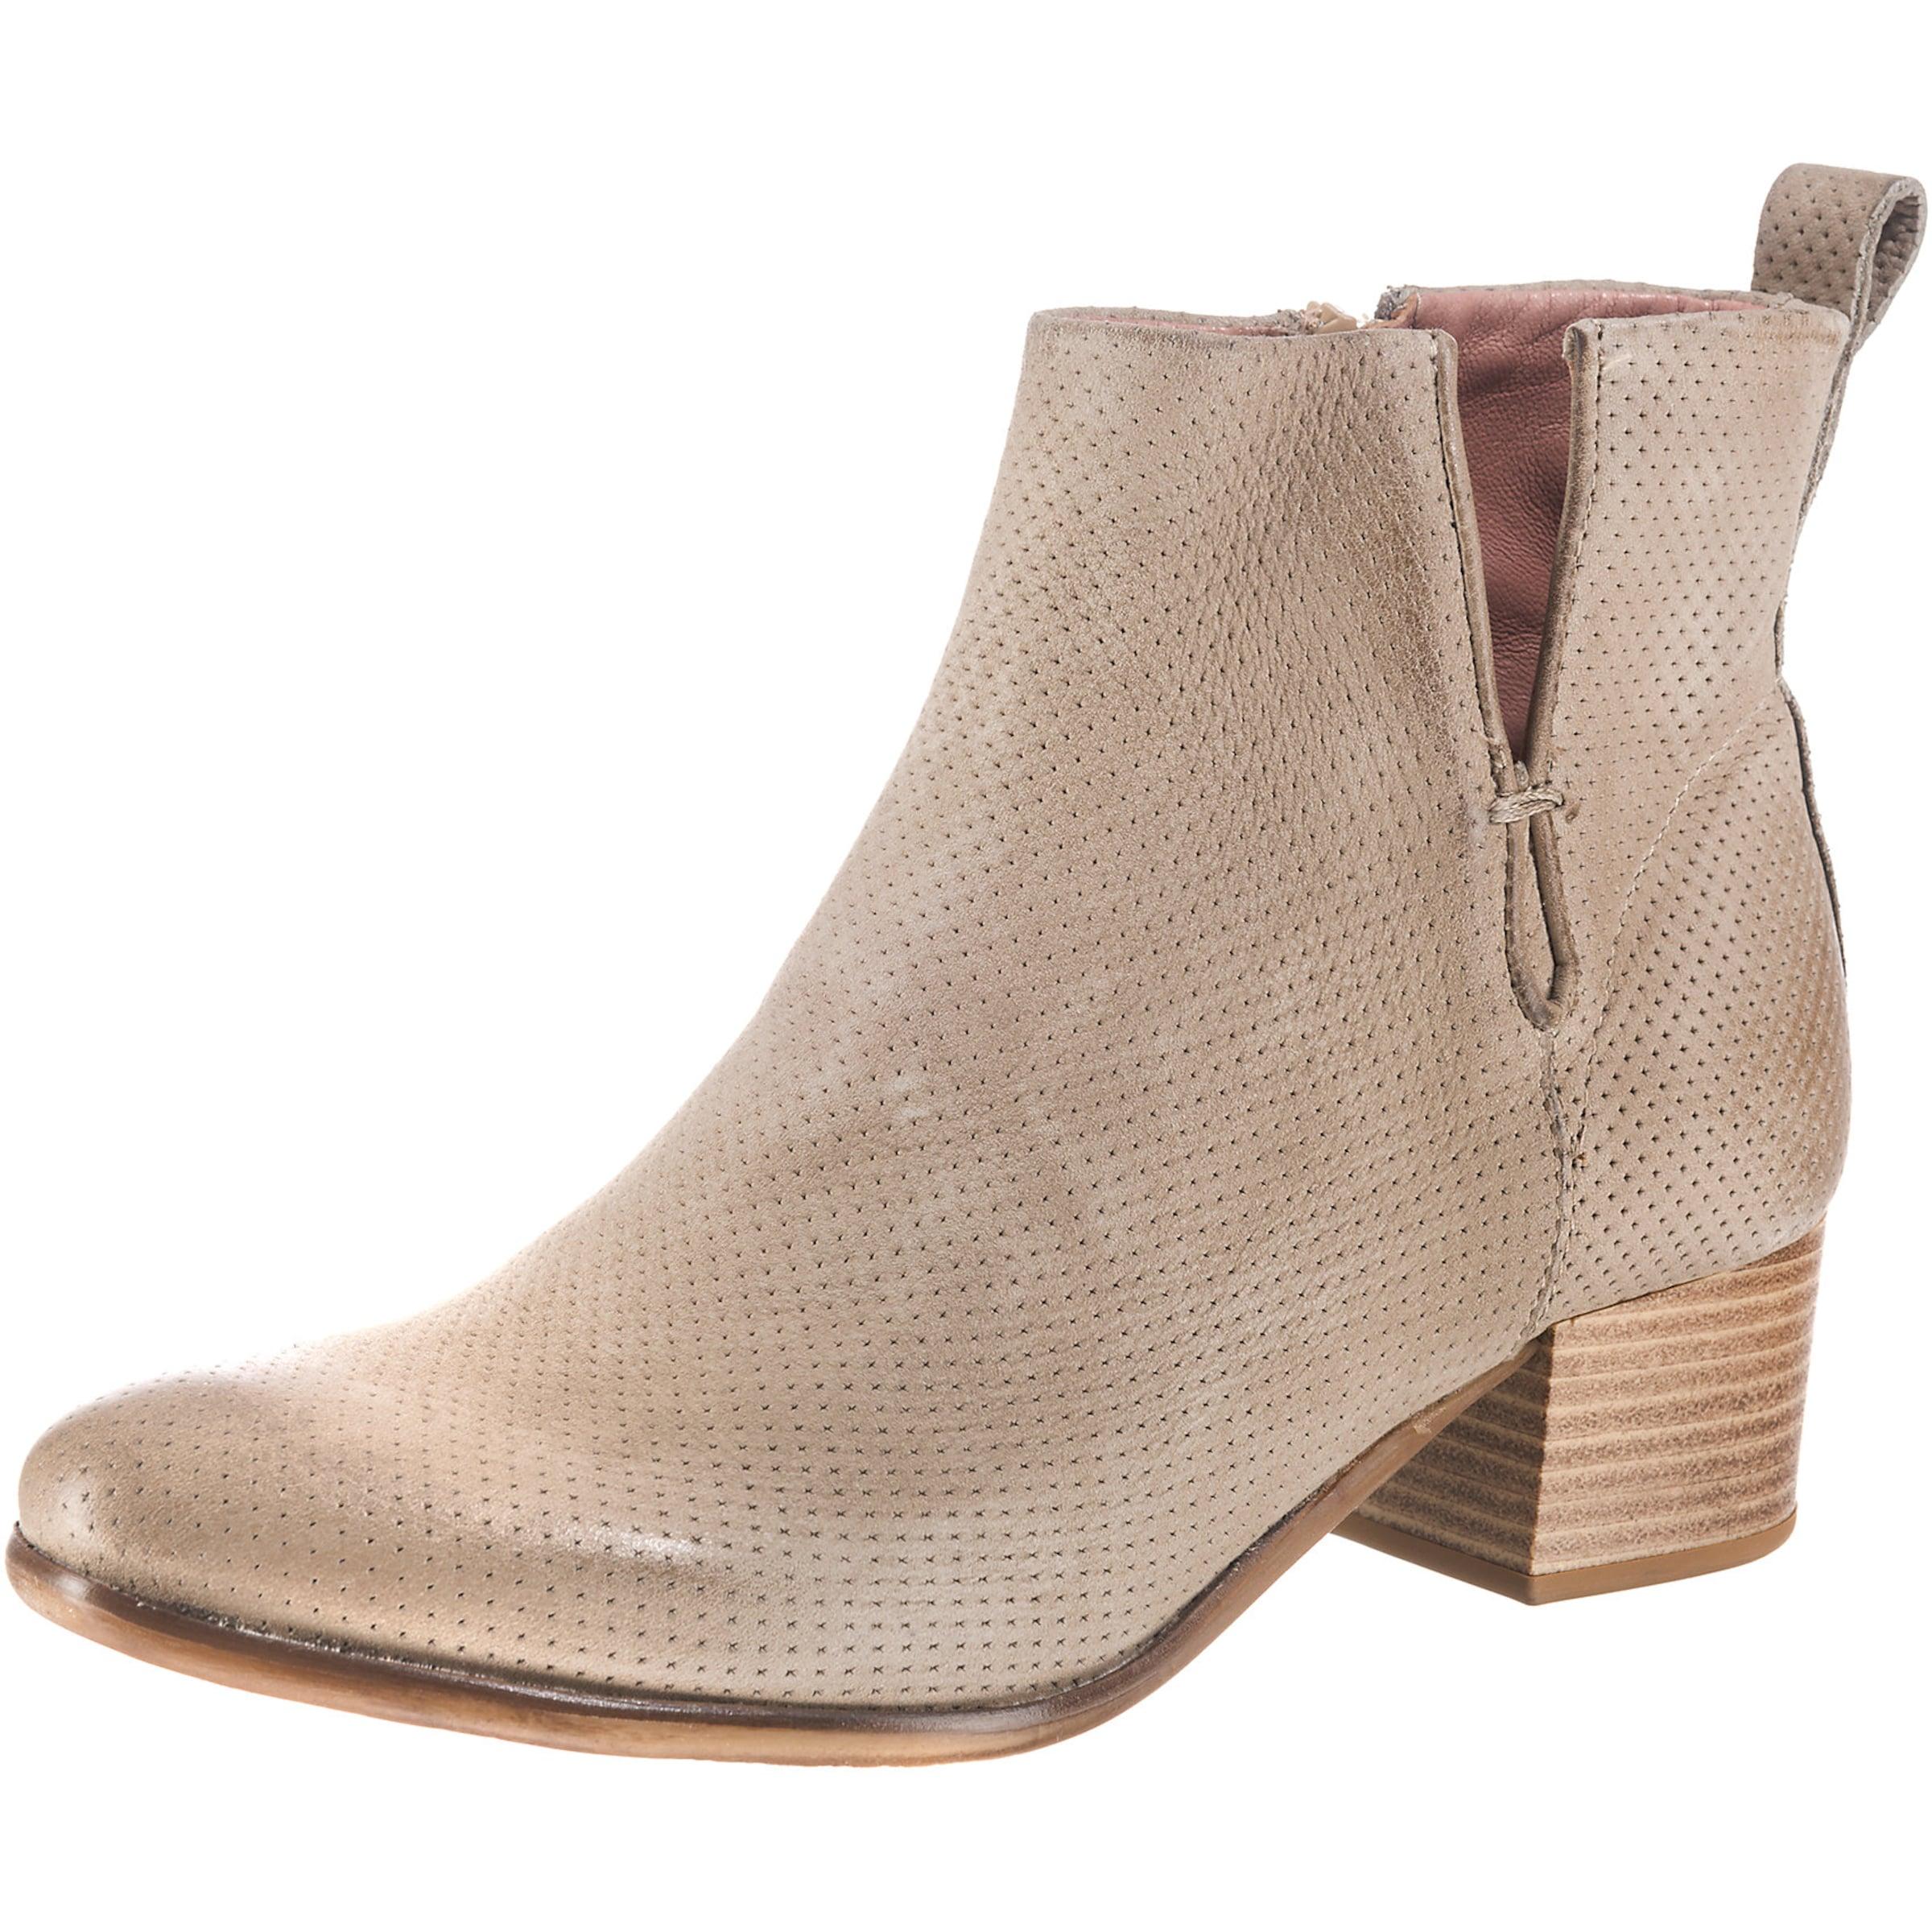 MJUS Glenna Klassische Stiefeletten Günstige und langlebige Schuhe